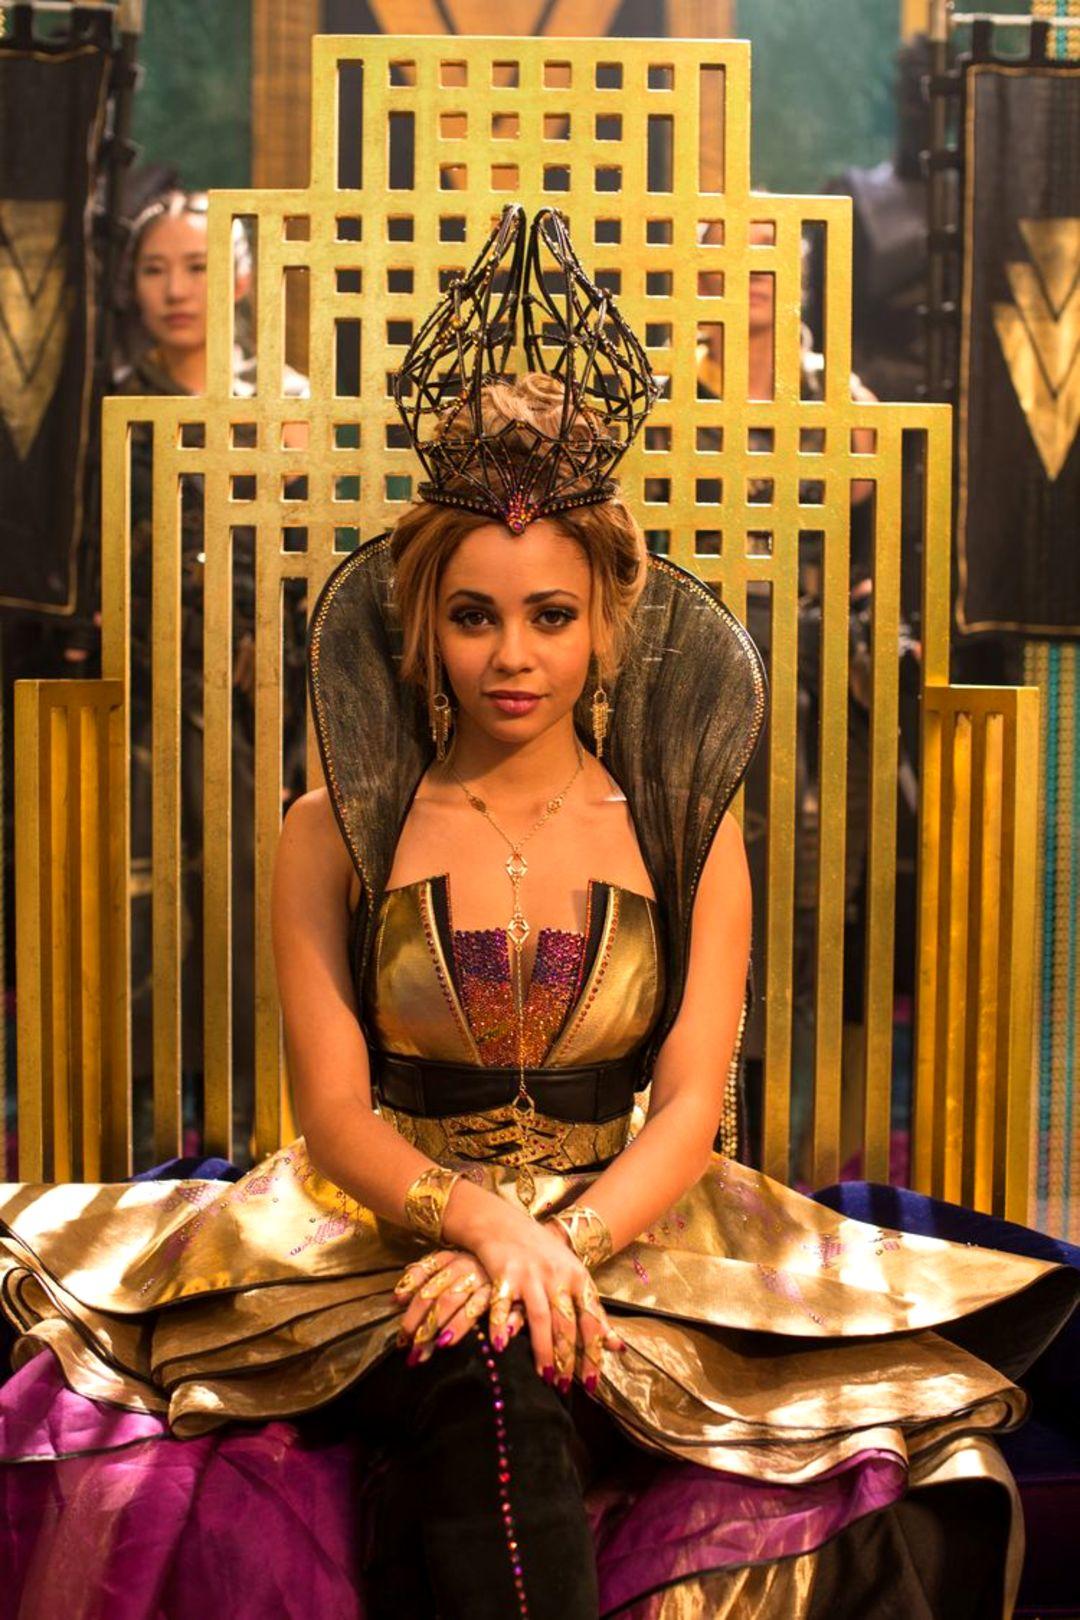 The Shannara Chronicles: Staffel zwei - Bild 13 von 32